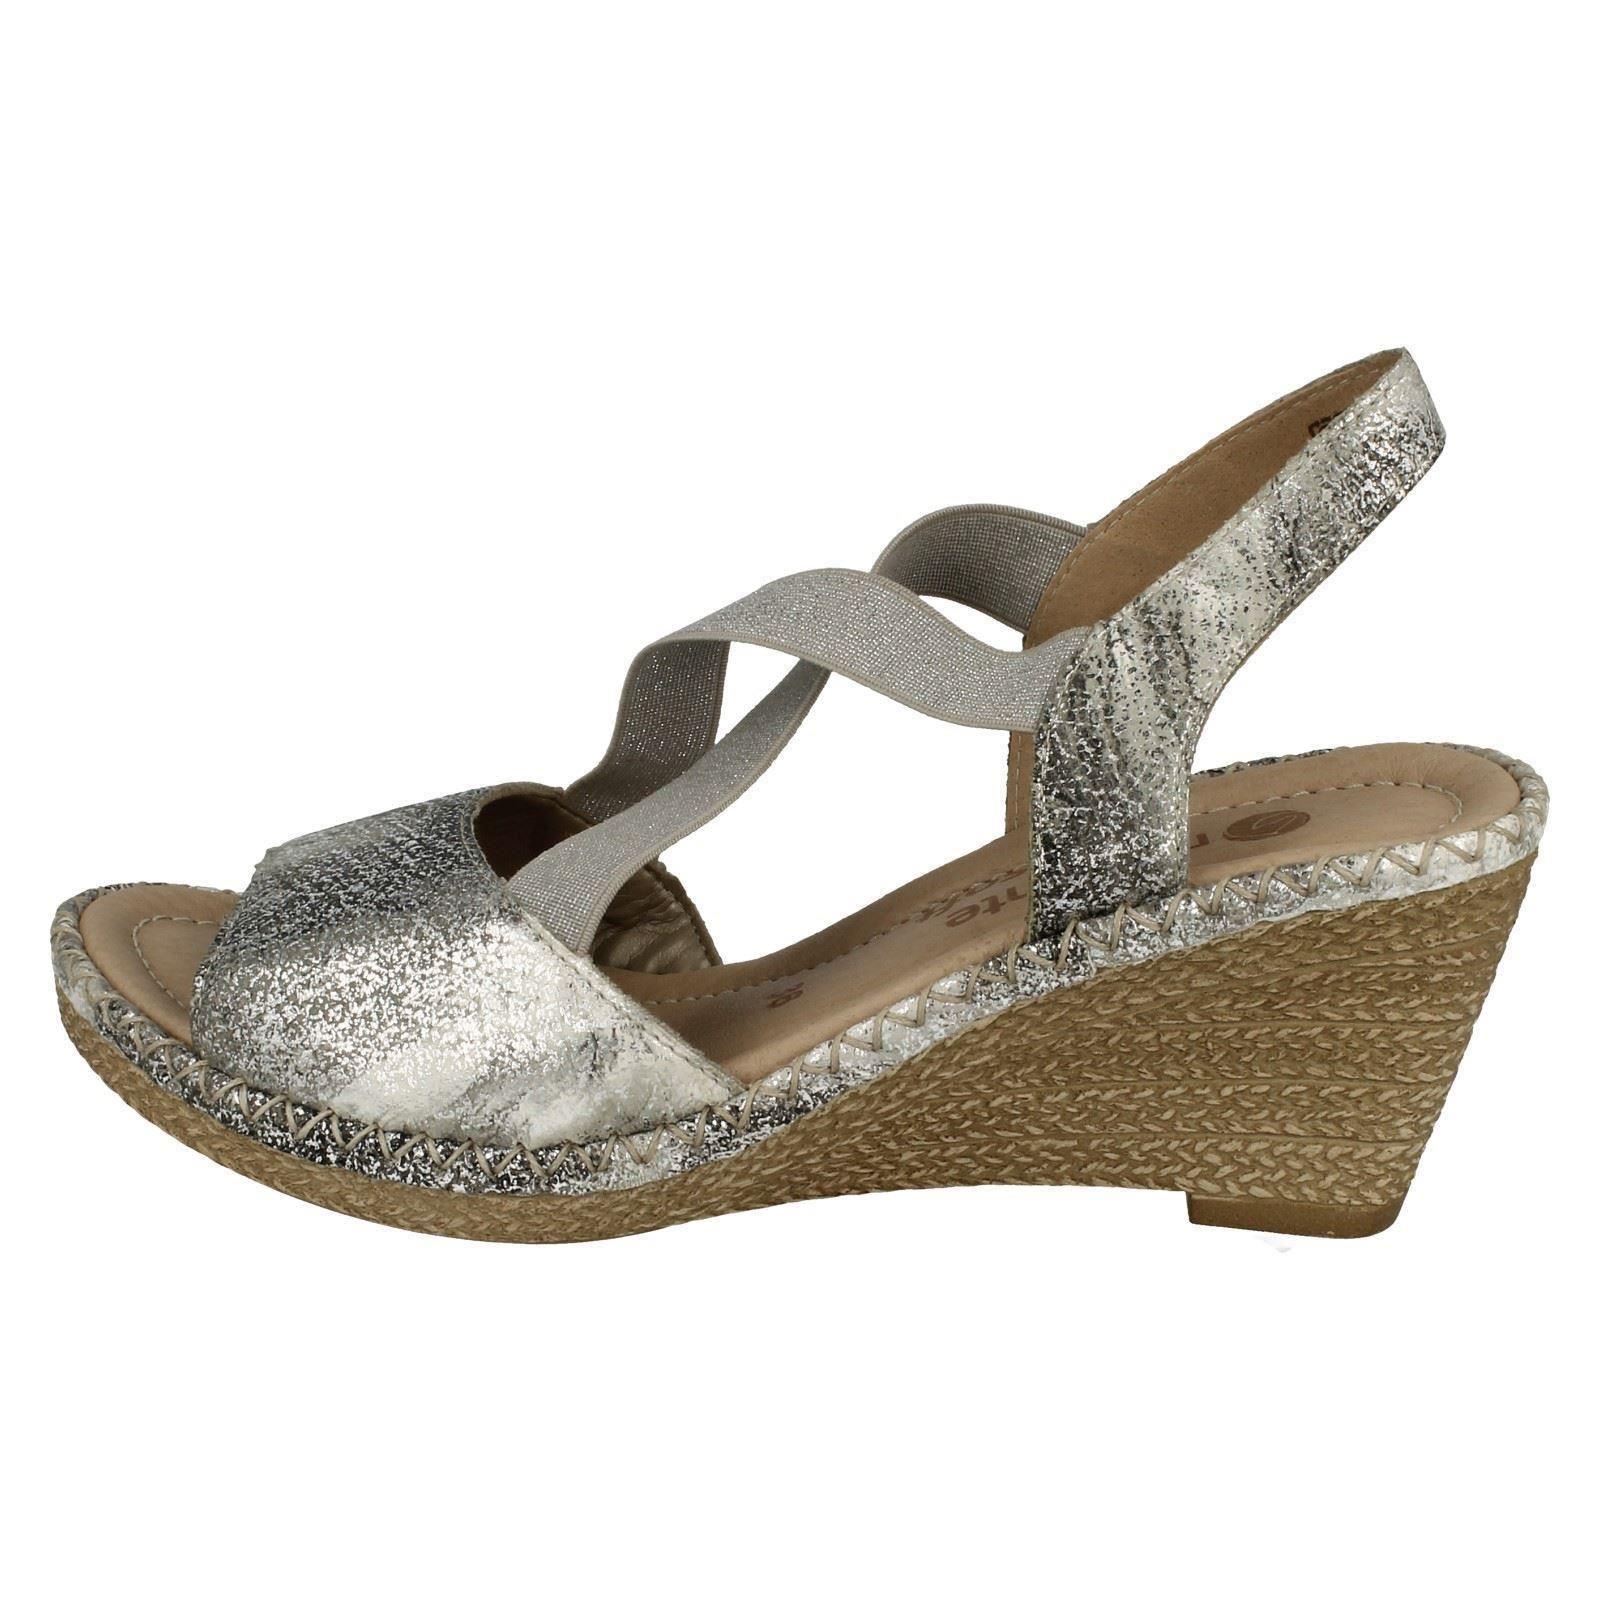 platino Ladies Toe Remonte con X argento D6732 Strap Argento Open zeppa Sandali Slip On estiva sintetica 6ga6qpr